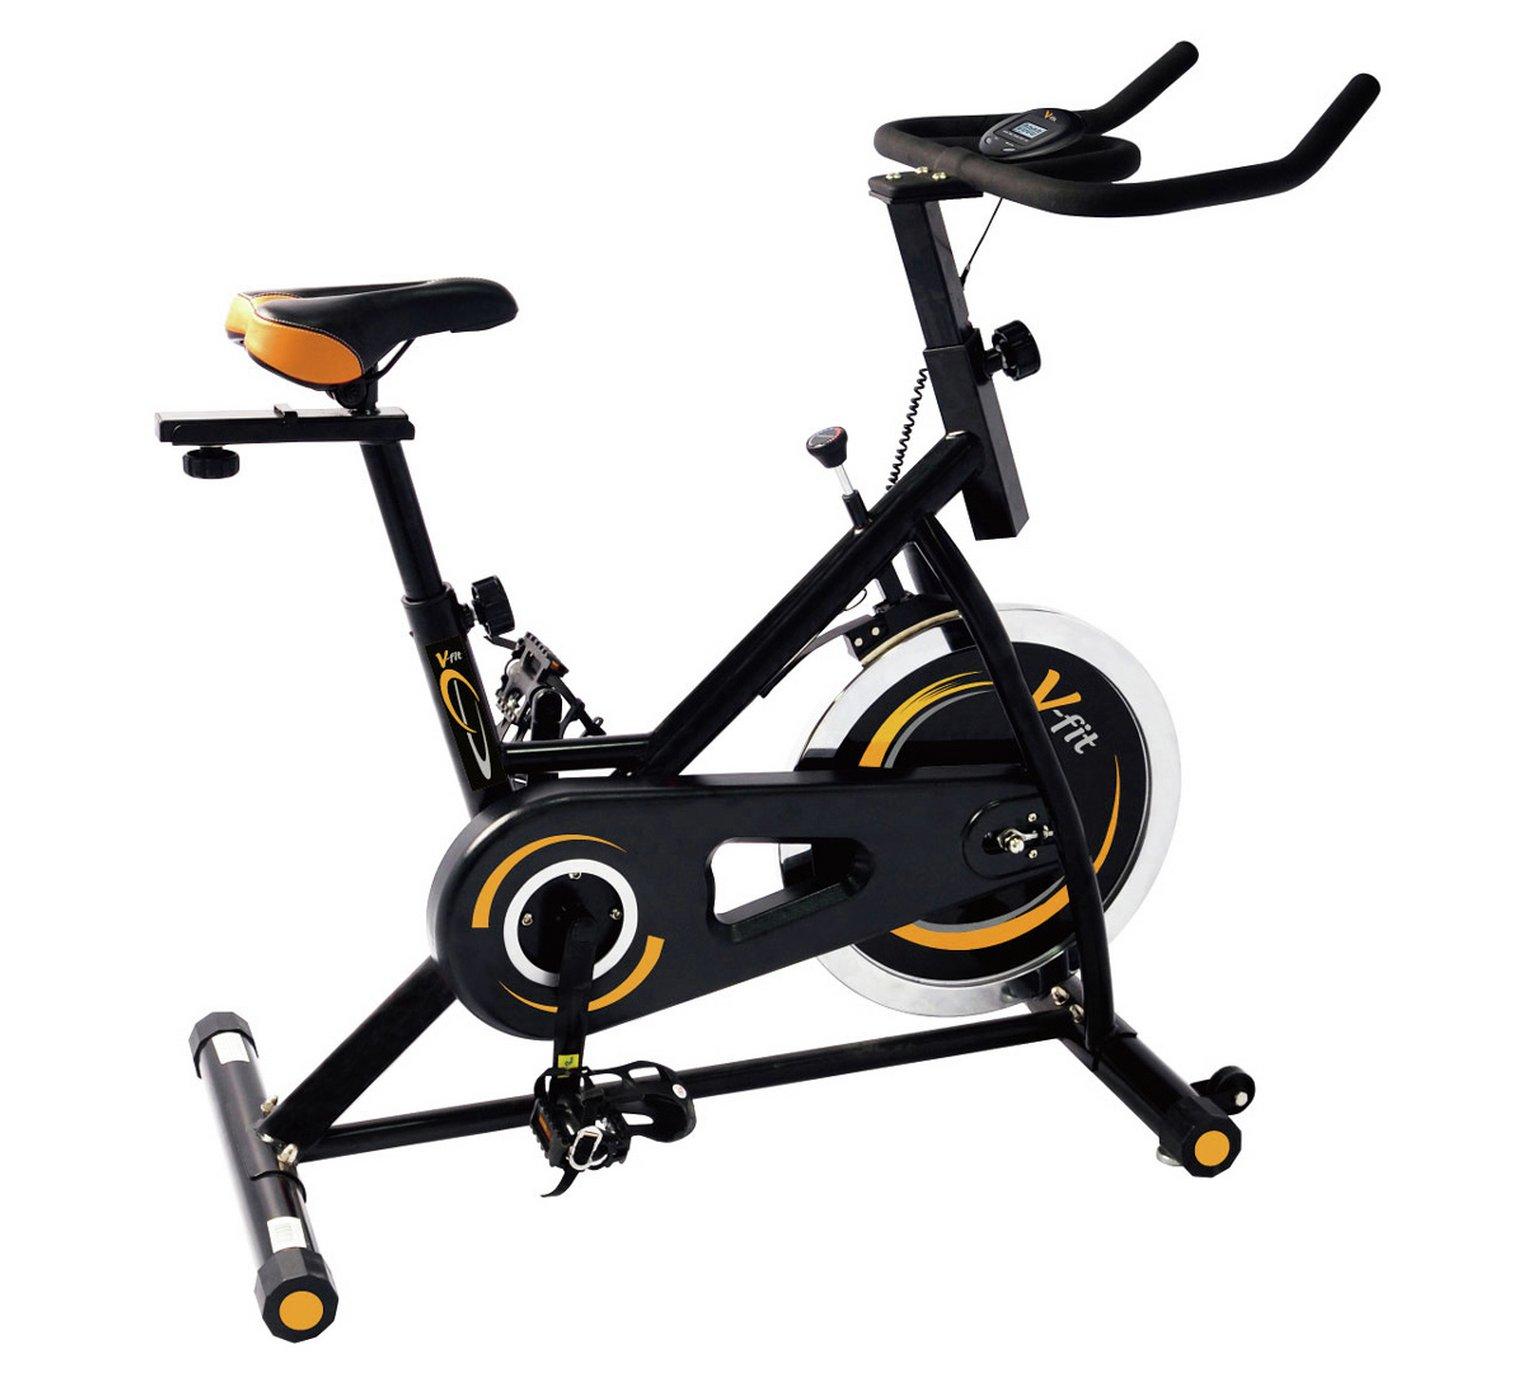 V-Fit ATC161 Aerobic Training Exercise Bike